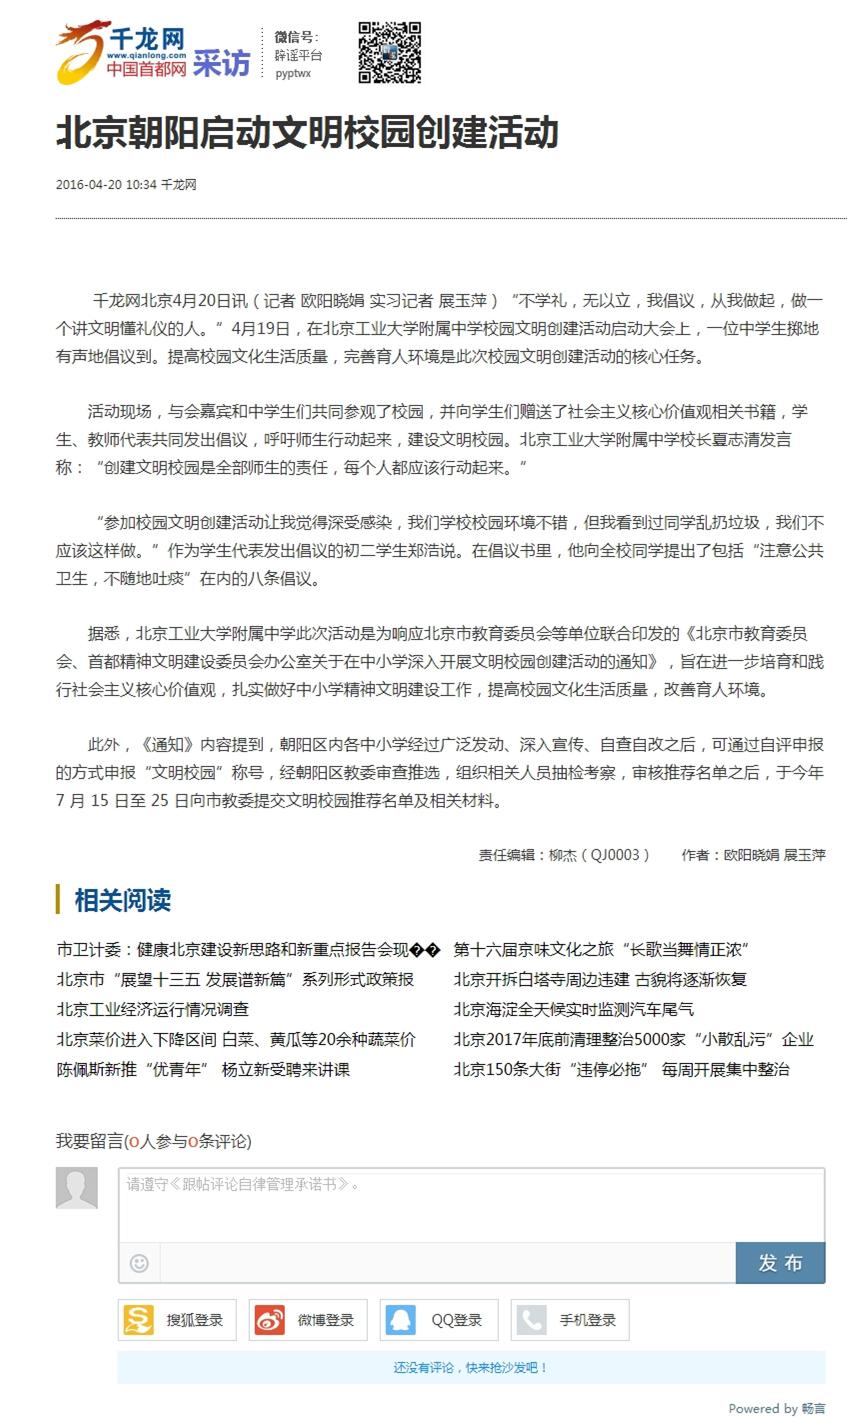 北京朝阳启动文明校园创建活动-千龙网·中国首都网.jpg